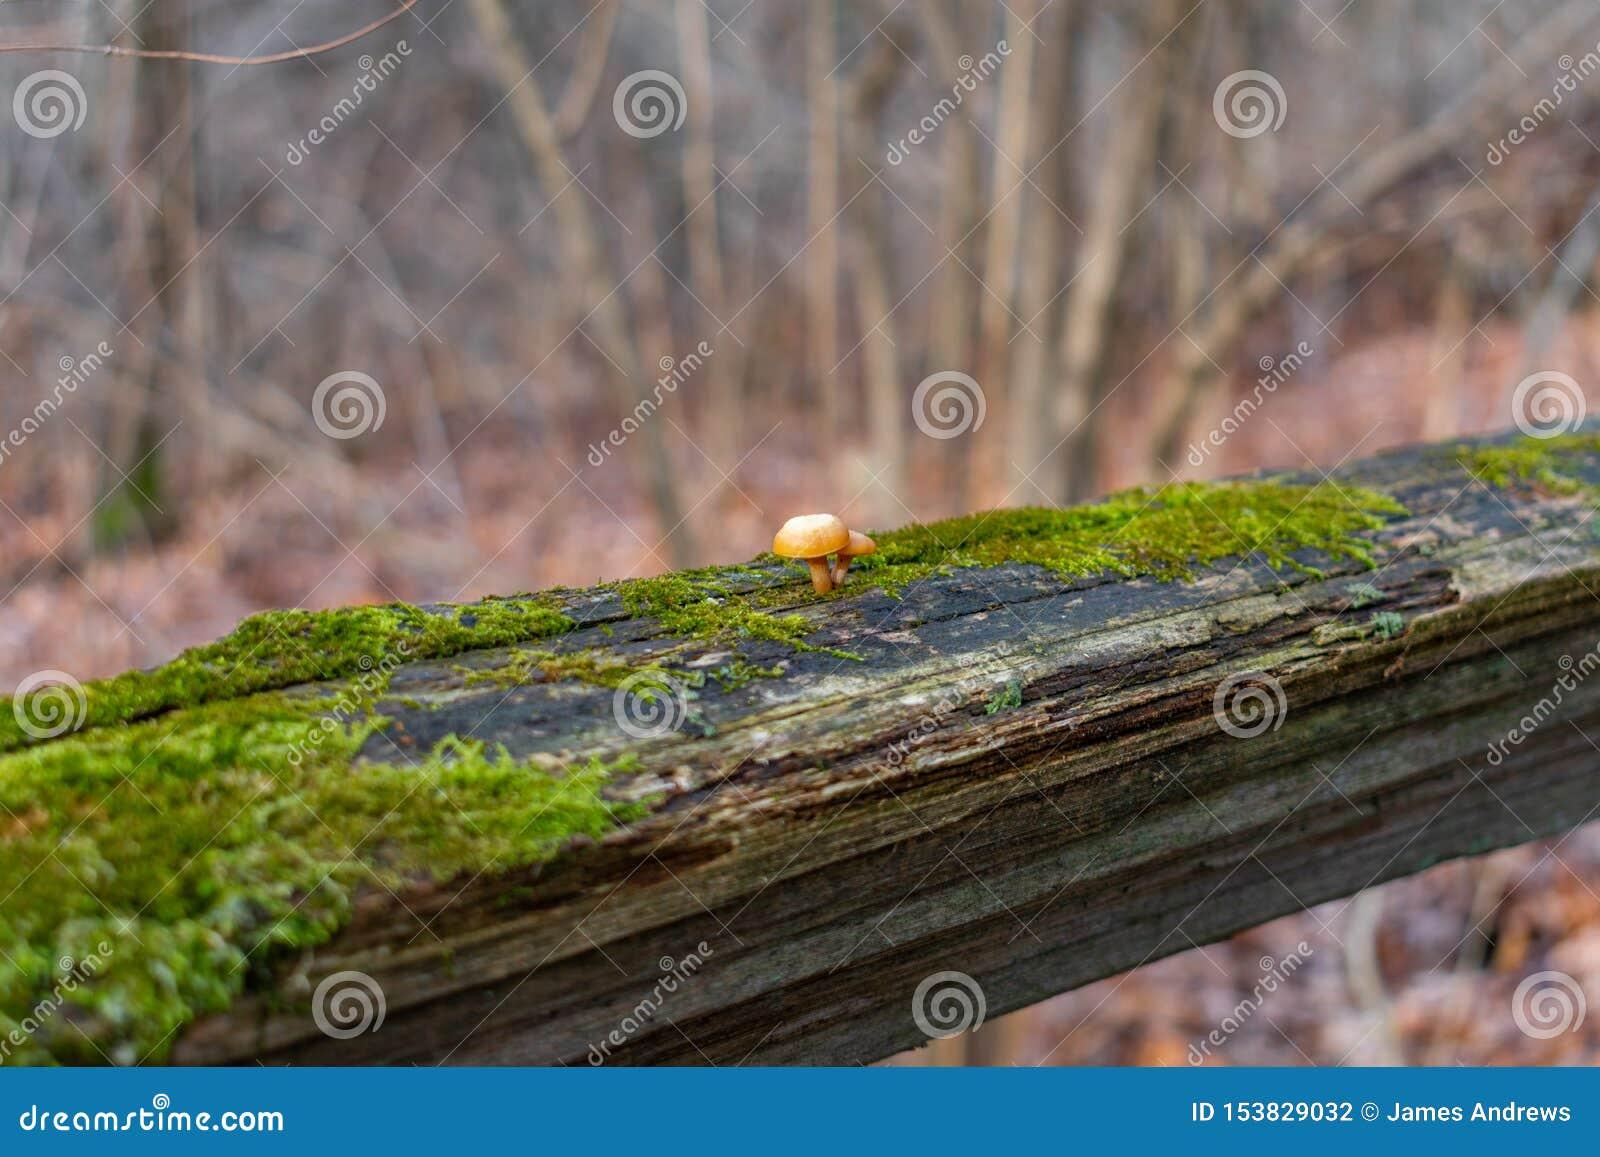 Feche acima de dois cogumelos pequenos em uma cerca musgoso em uma floresta durante o inverno